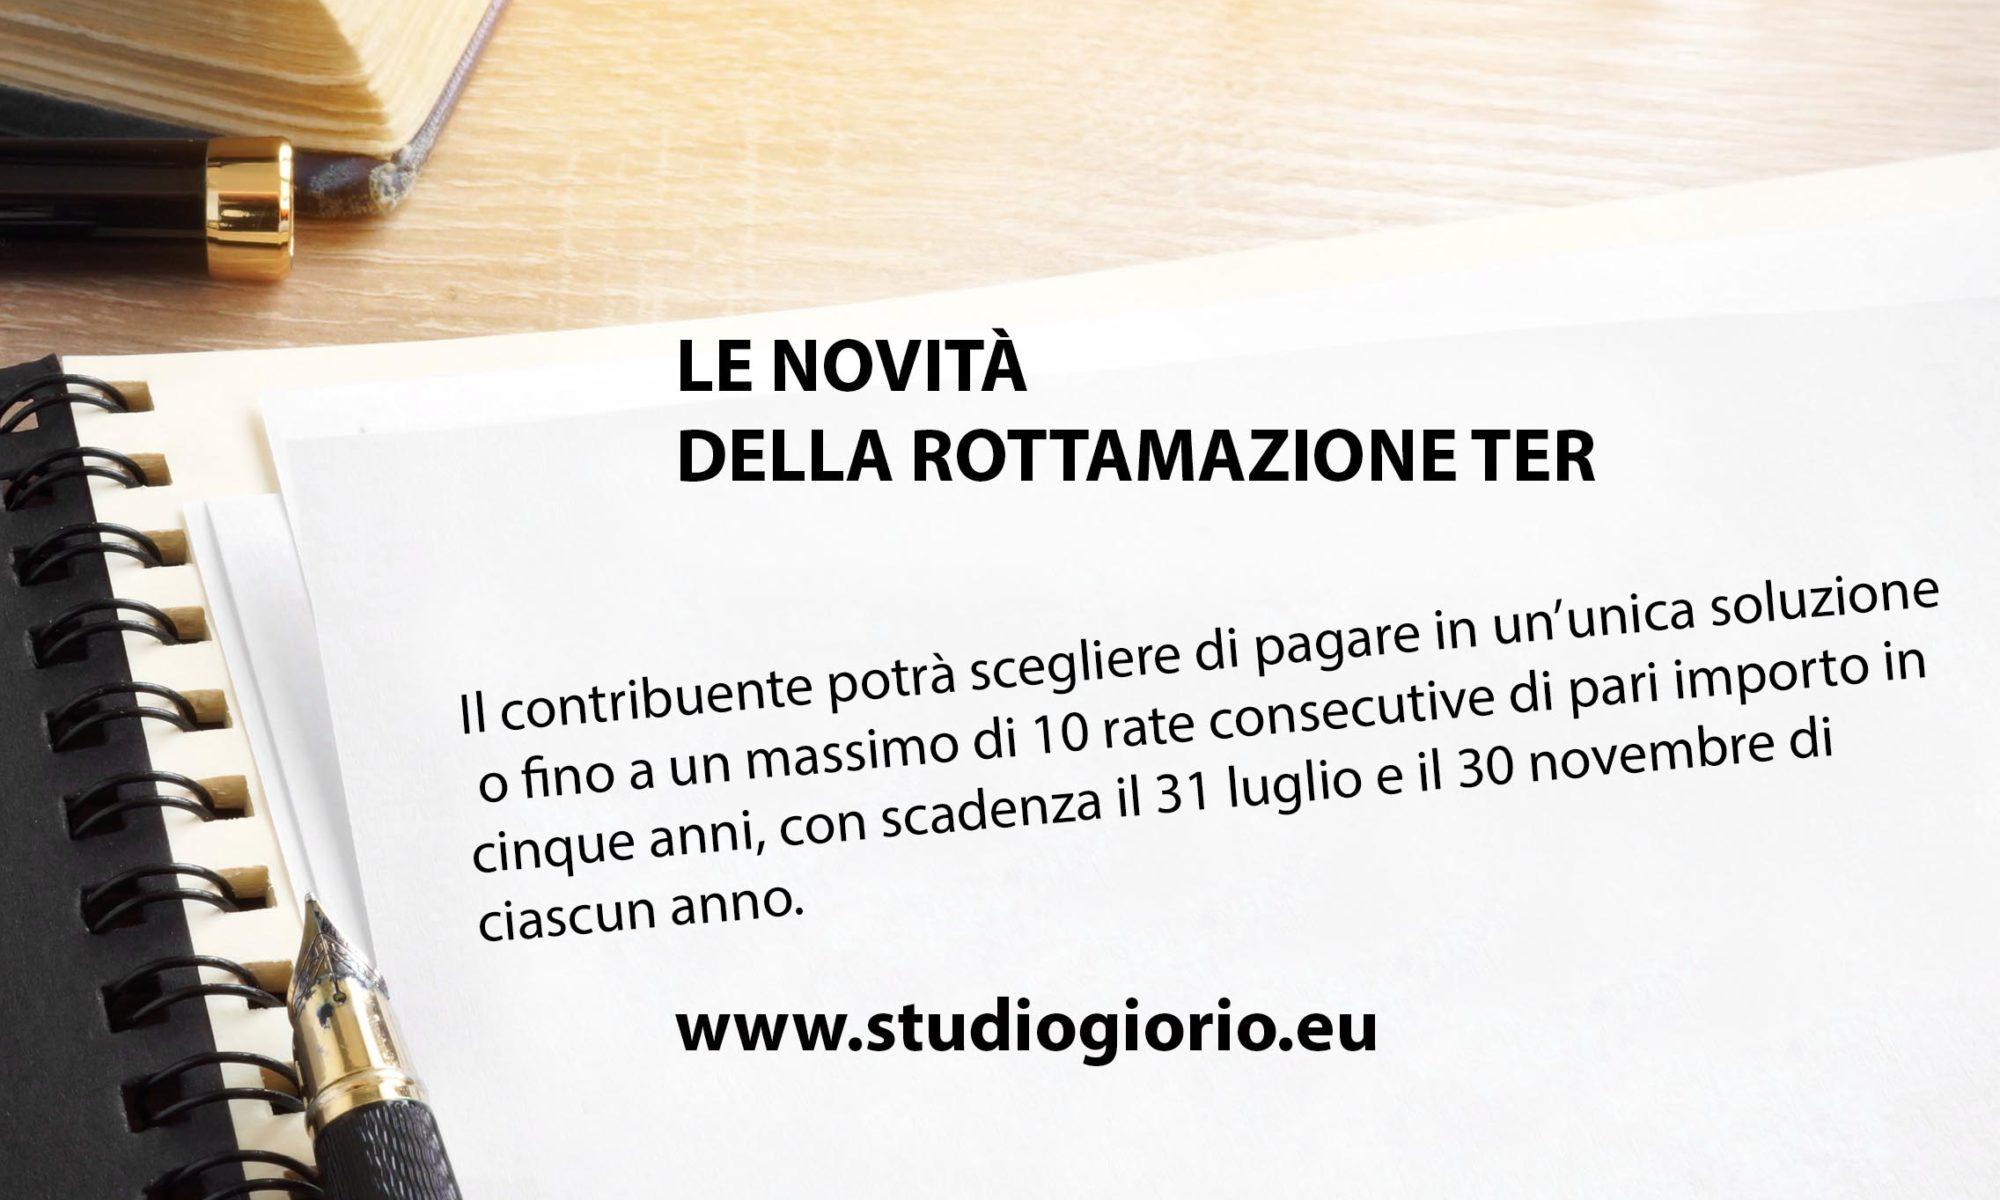 Rottamazione ter news - Studio Giorio